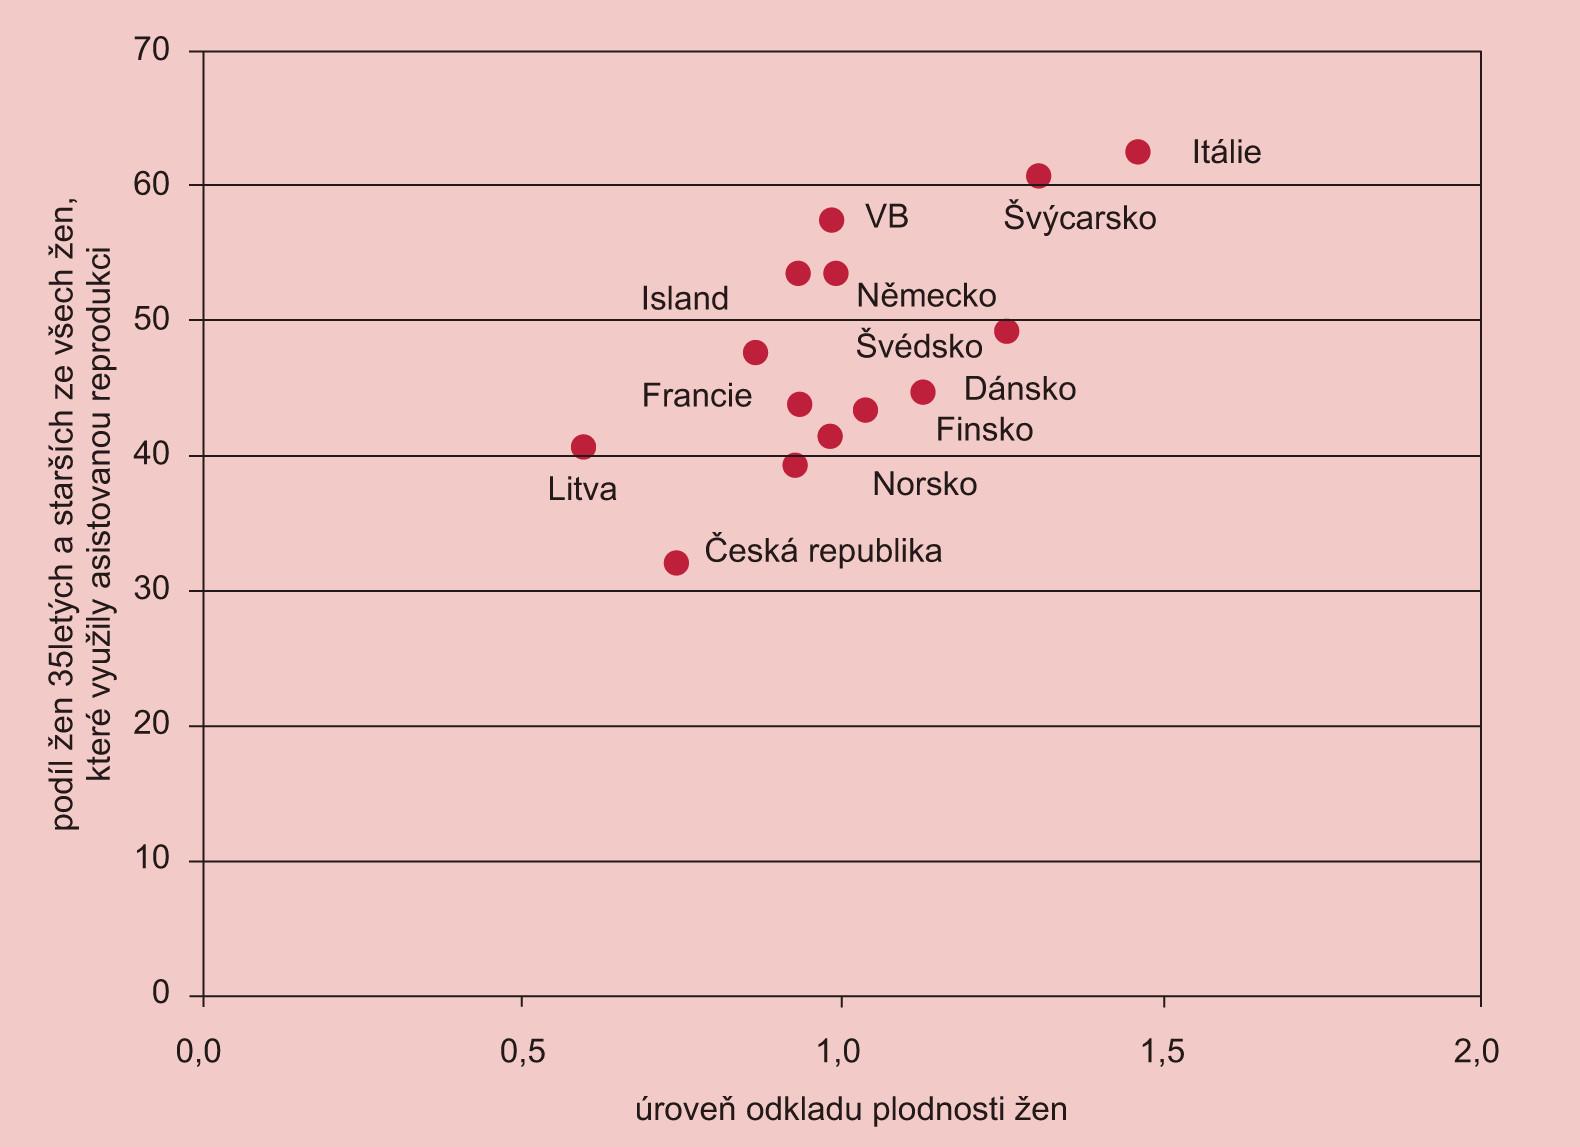 Evropské státy z hlediska úrovně odkladu plodnosti a zastoupení starších žen na asistované reprodukci v roce 2006 (úroveň odkladu plodnosti je měřena poměrem míry plodnosti žen ve věku 30+ a míry plodnosti žen věku 20–29. Hodnota vyšší než 1 znamená, že celková plodnost žen ve věku 30 a starších dosahuje vyšší úrovně než plodnost žen ve věku 20–29 let).